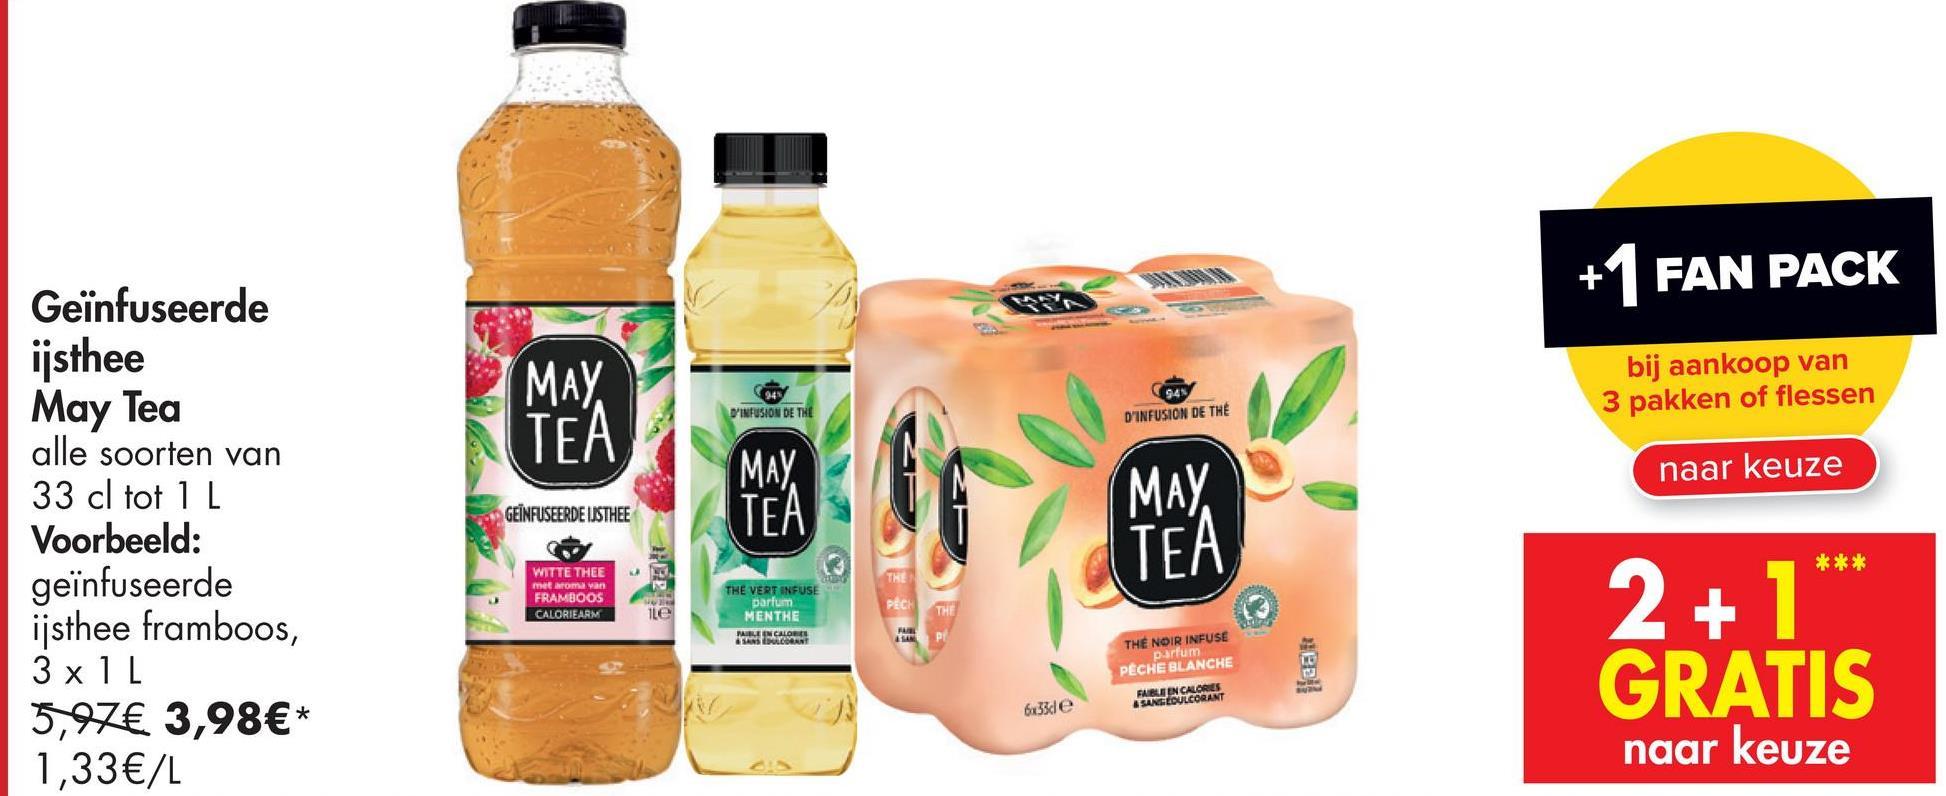 CALORRAK +1 FAN PACK Geïnfuseerde ijsthee May Tea (МАУ. TEA bij aankoop van 3 pakken of flessen D'INFUSION DE THE D'INFUSION DE THE naar keuze MAY TEA МАУ. GEINFUSEERDE ISTHEE TEA TH alle soorten van 33 cl tot 1 L Voorbeeld: geïnfuseerde ijsthee framboos, 3 x 1L 5,97€ 3,98€* 1,33€/L WITTE THEE met aroma van FRAMBOOS CALORIEARM PEC ile THE VERT INFUSE parfum MENTHE MILE IN CALOR SANSUODANT THE 2+1** GRATIS THE NOIR INFUSE parfum PECHE BLANCHE Bell 6233de naar keuze